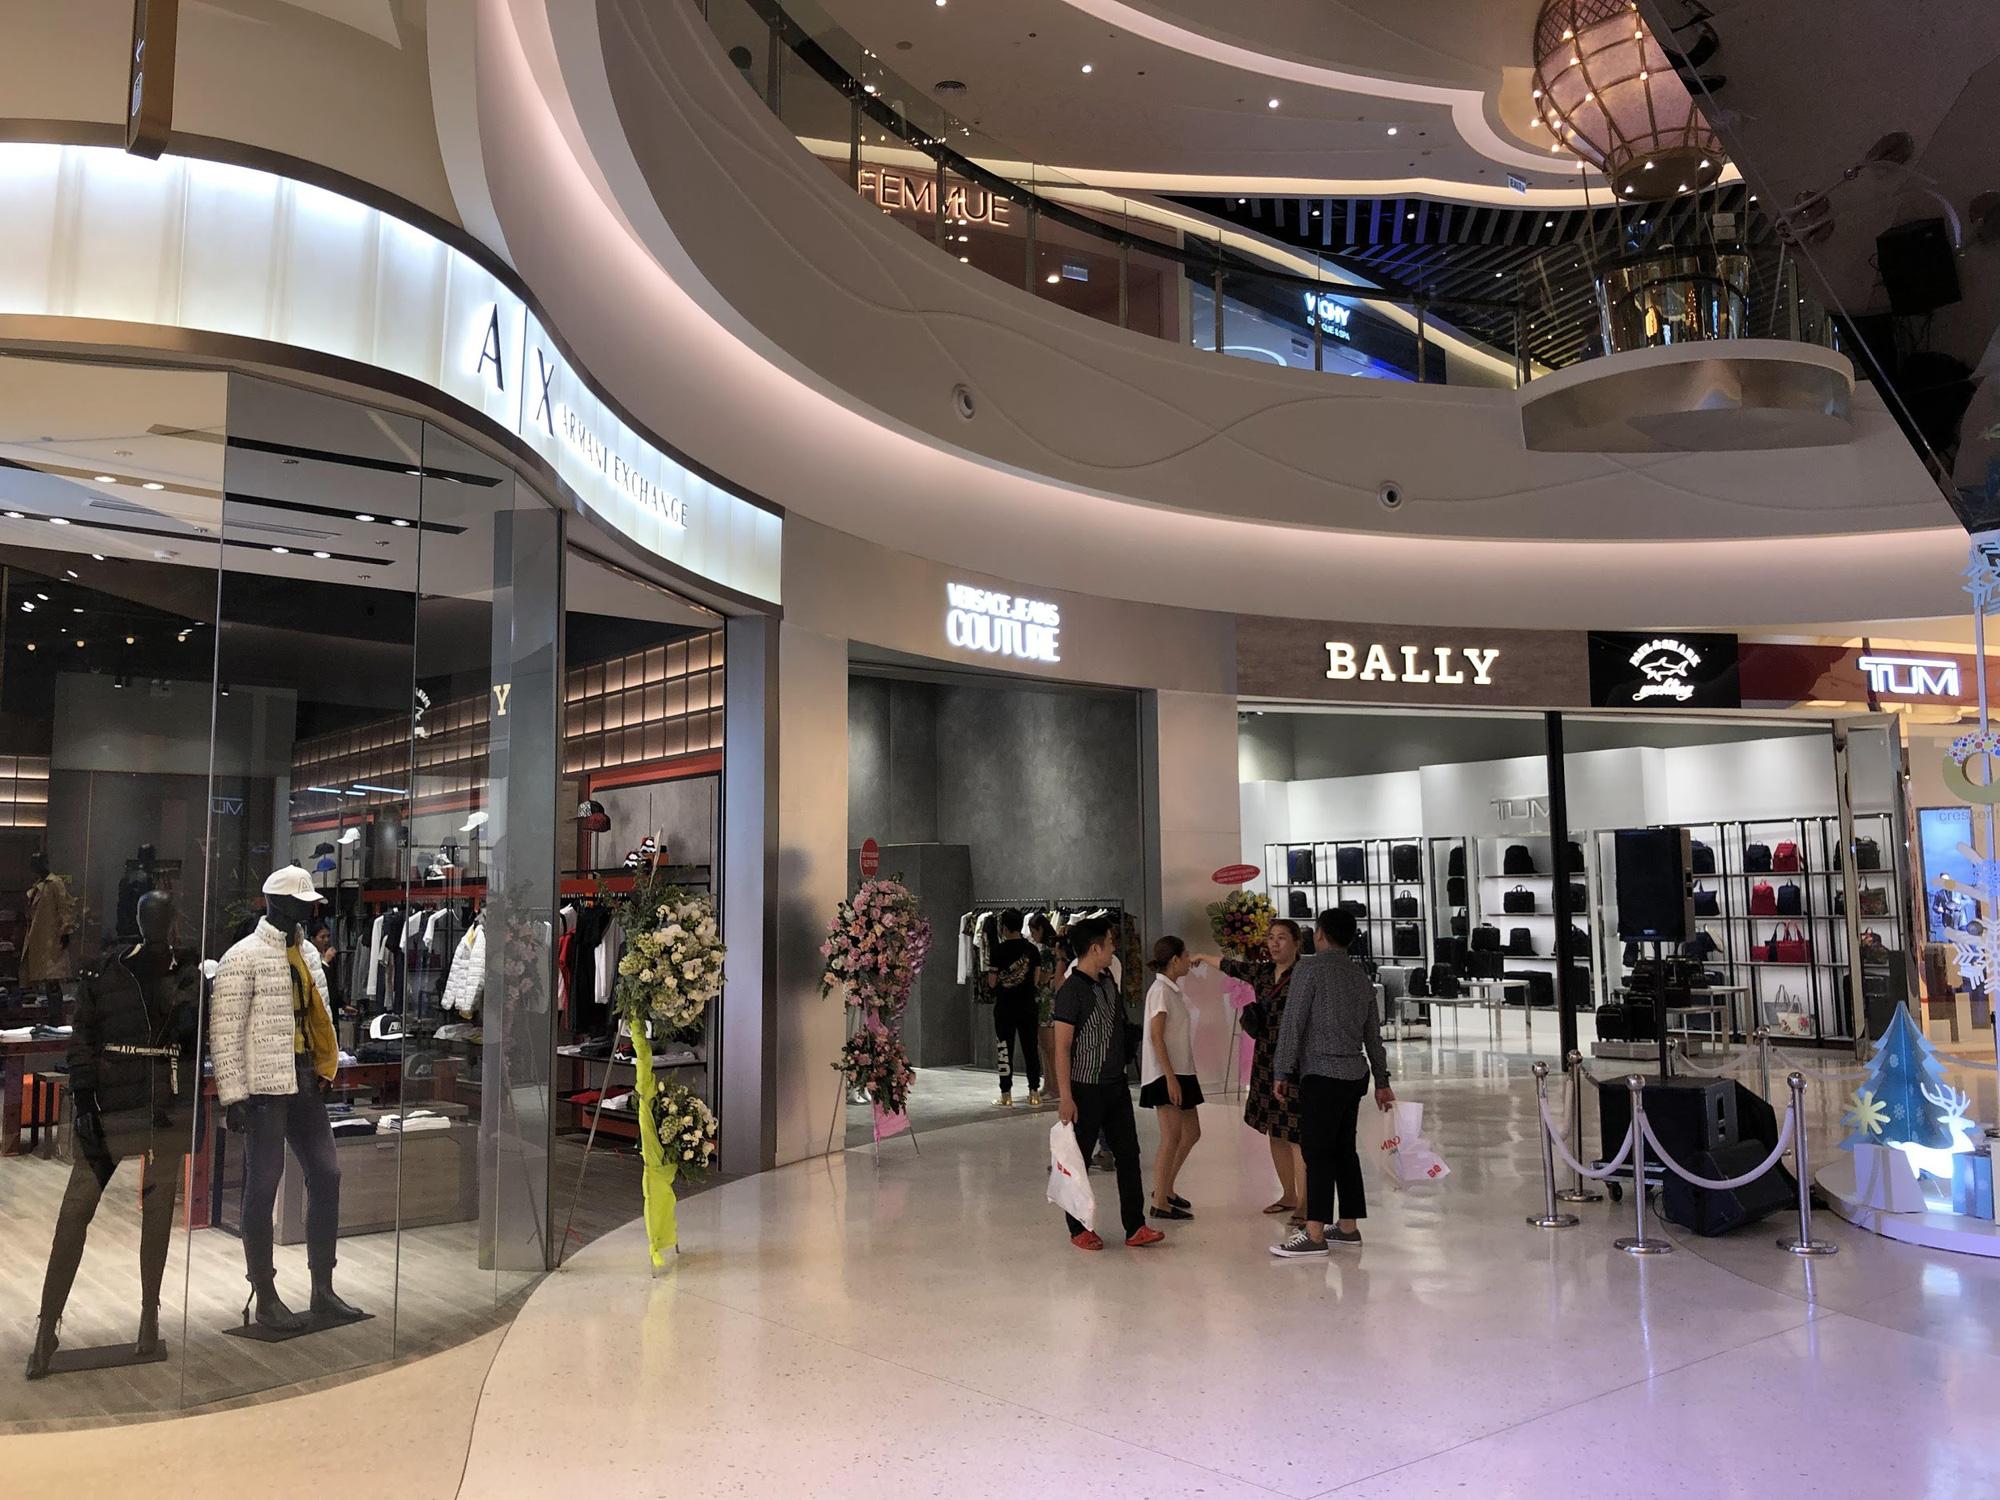 Đột nhập khu mua sắm xa xỉ bậc nhất quận 7 với sự góp mặt của 5 ông lớn ngành thời trang thế giới - Ảnh 2.